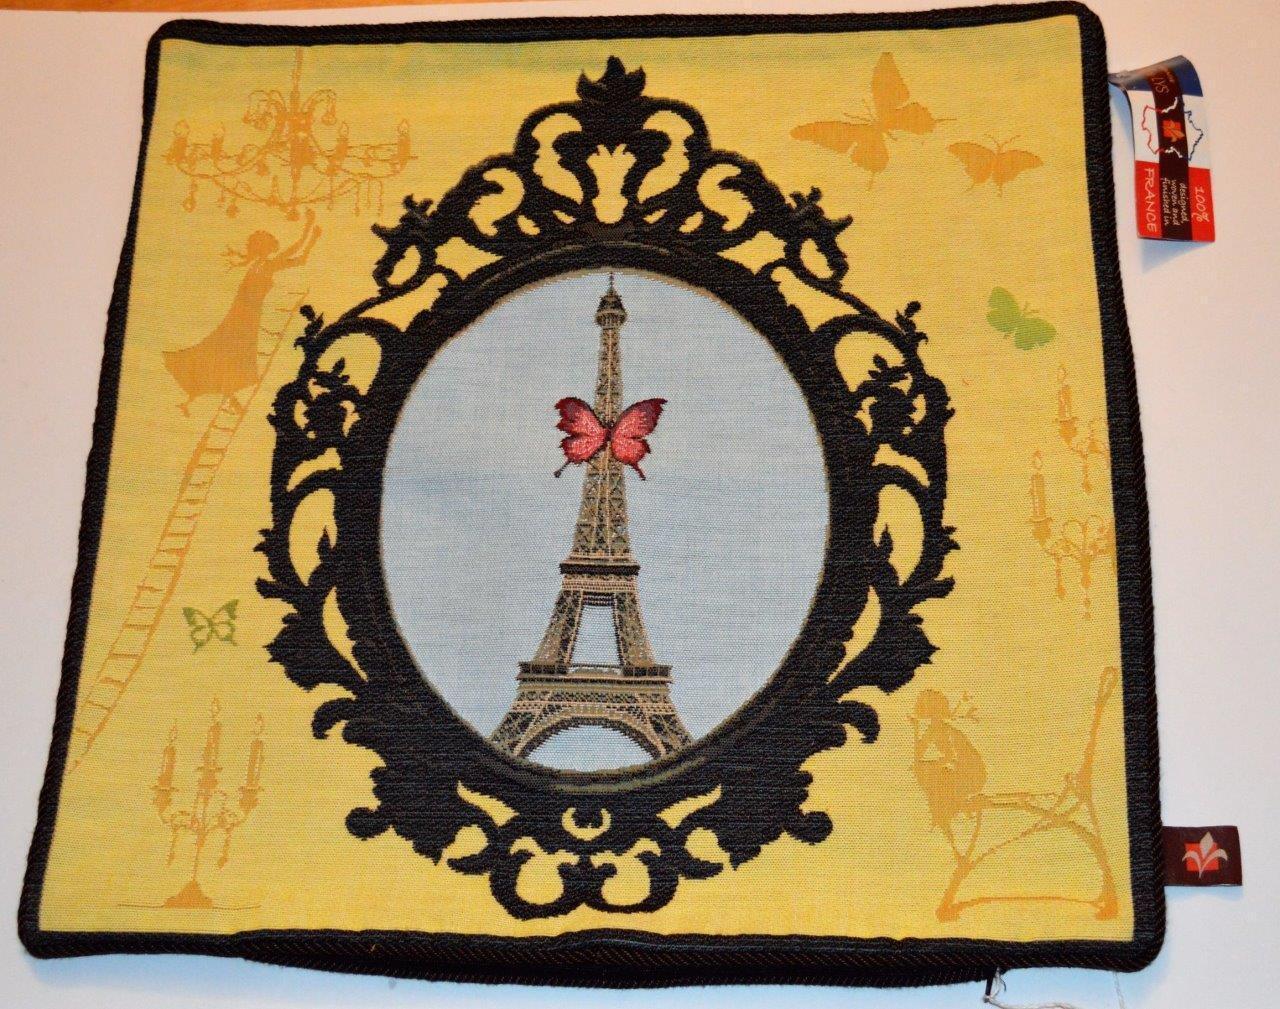 Neuf étiquette Art de Lys France Jaquard Tapisserie Tour Eiffel 48.3cmx48.3cm